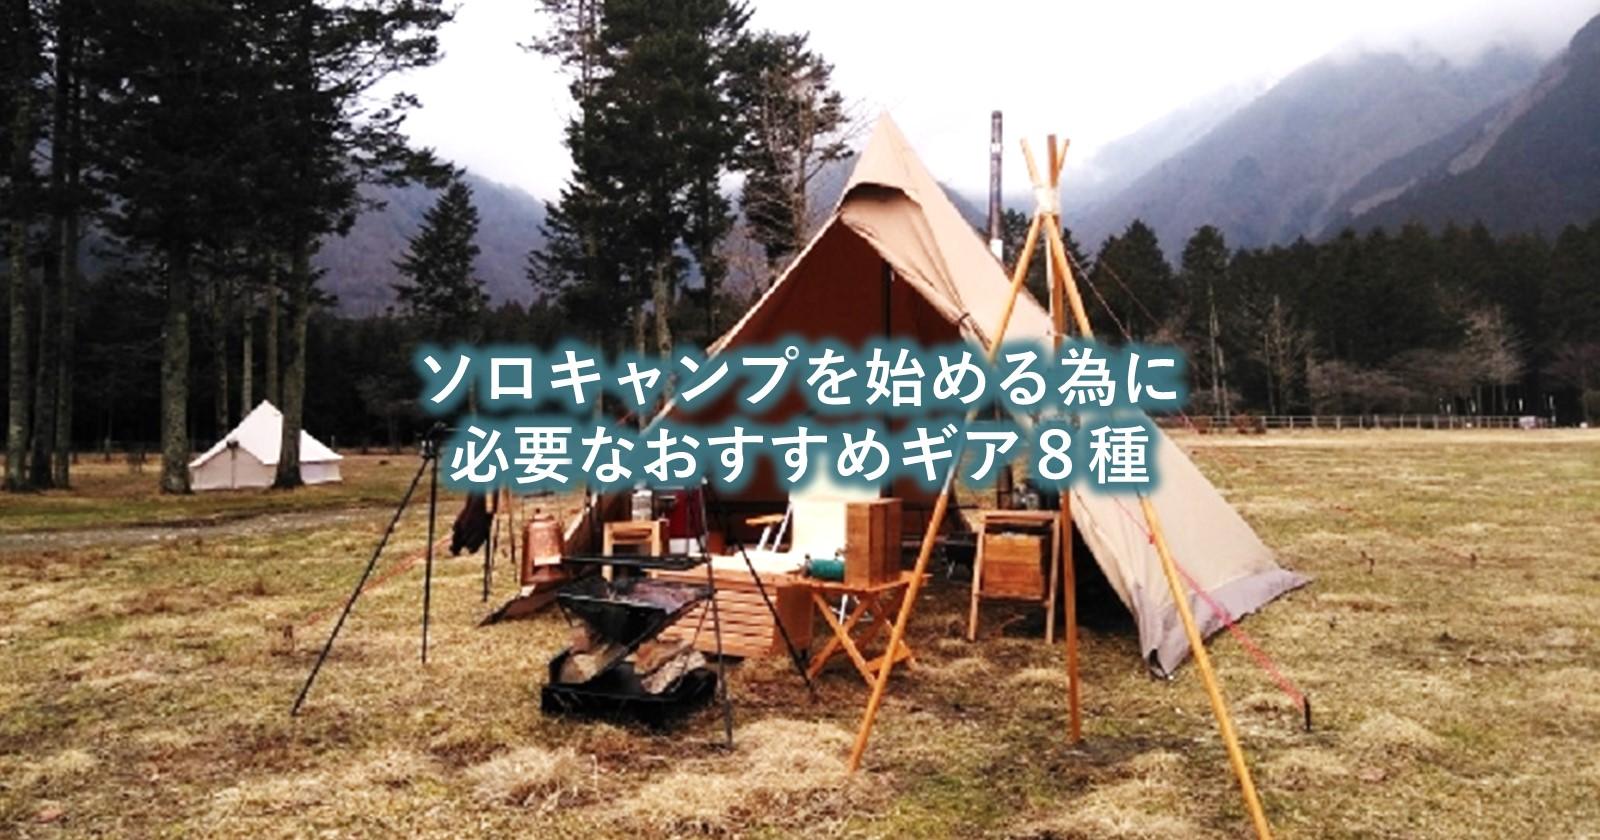 ソロキャンプを始めるために必要なおすすめギア8種